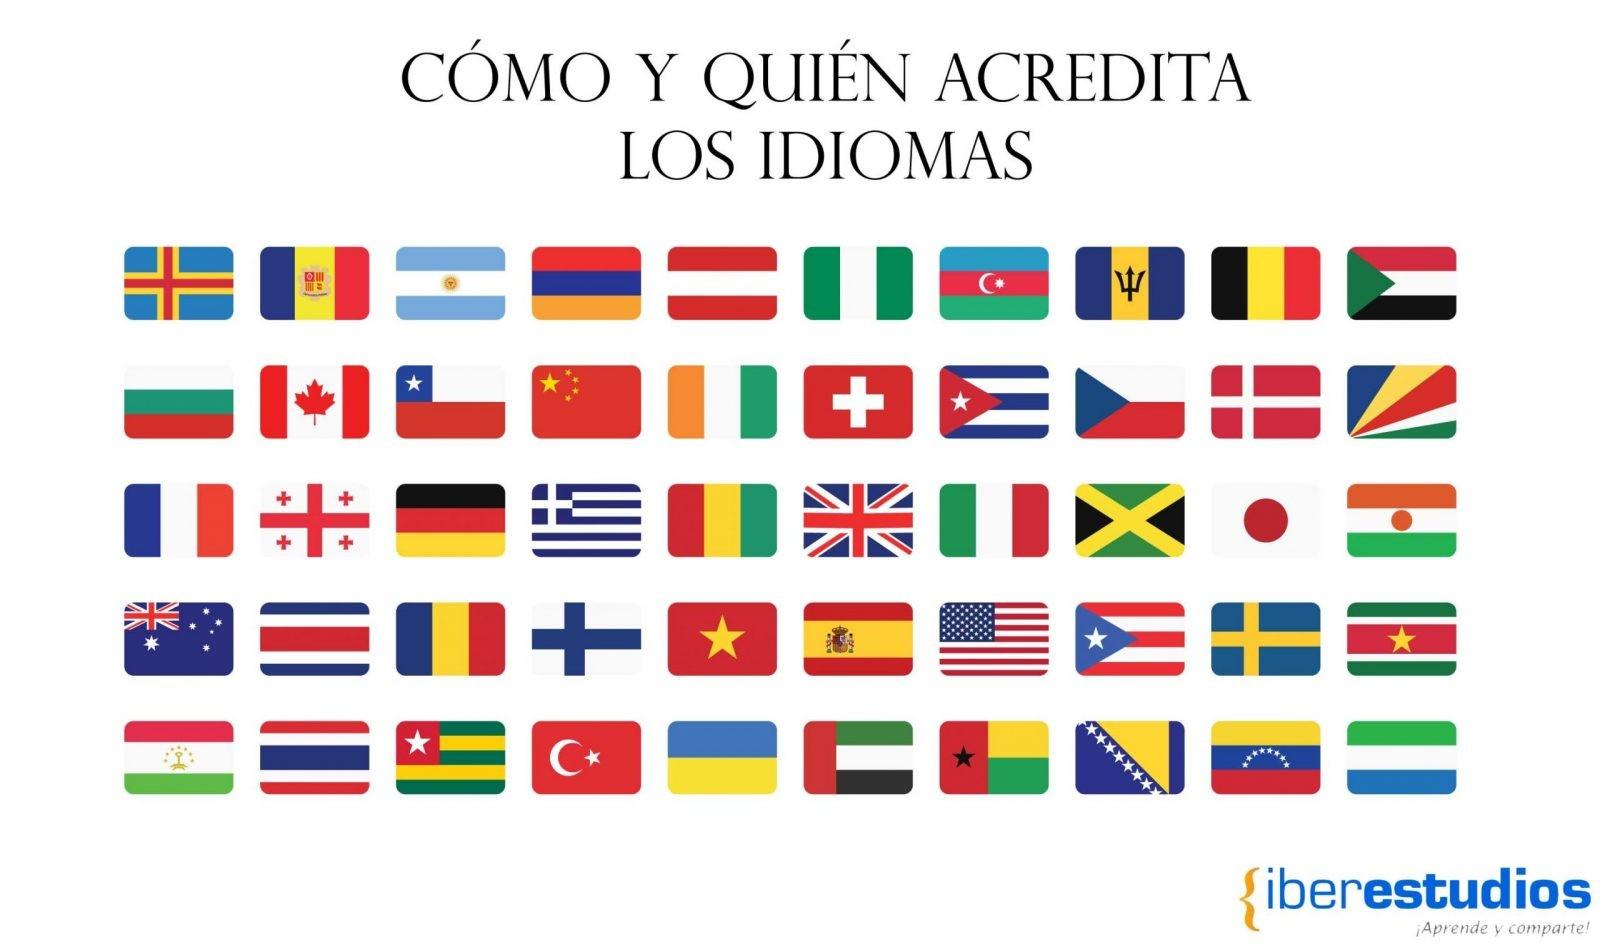 Quien acredita los idiomas